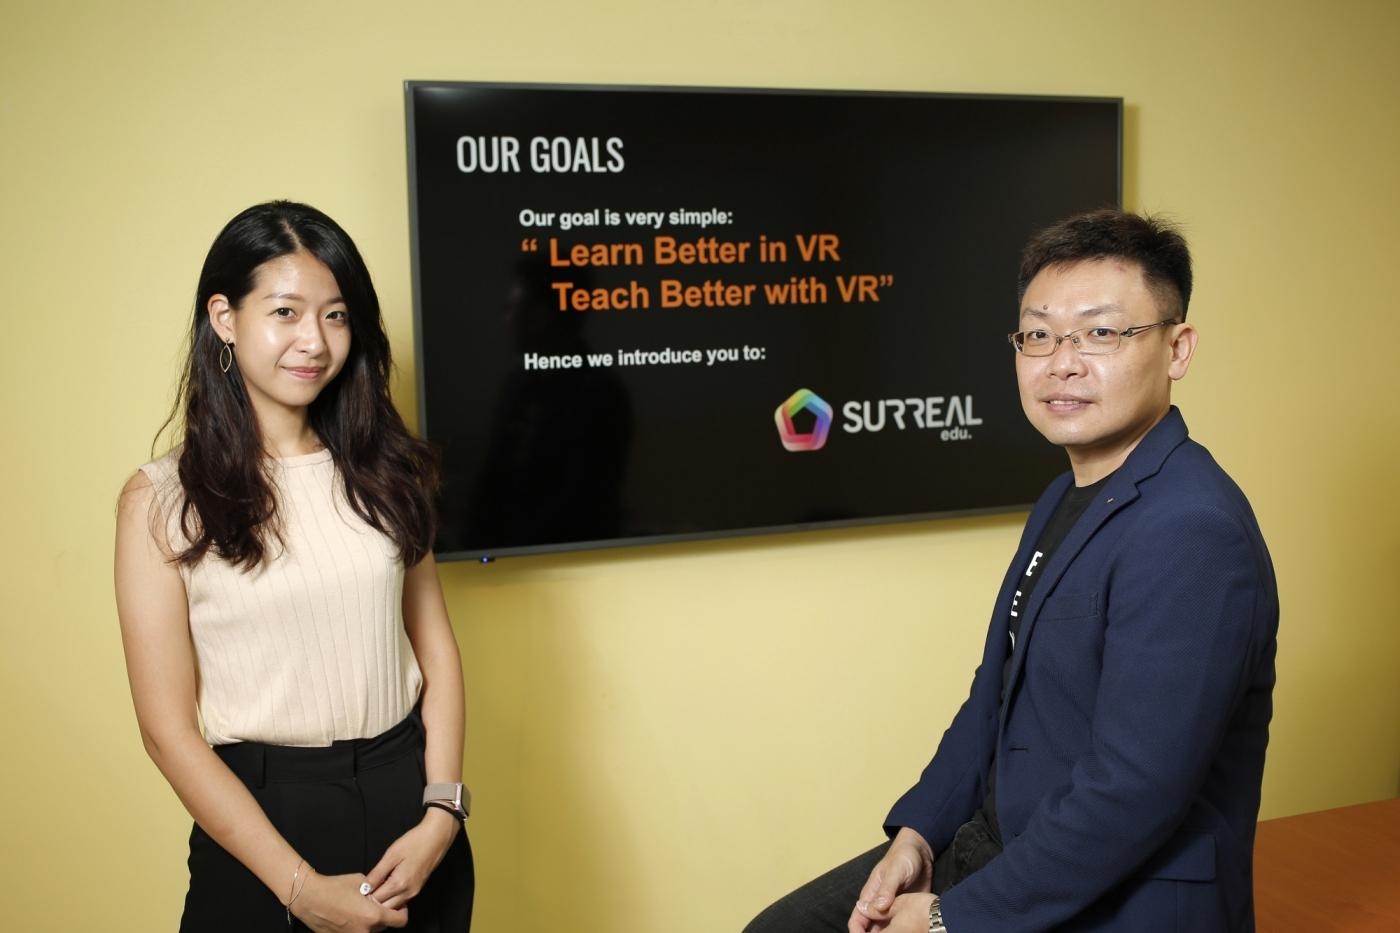 教育科技新商機!台灣新創用VR把生物、微積分課程變有趣